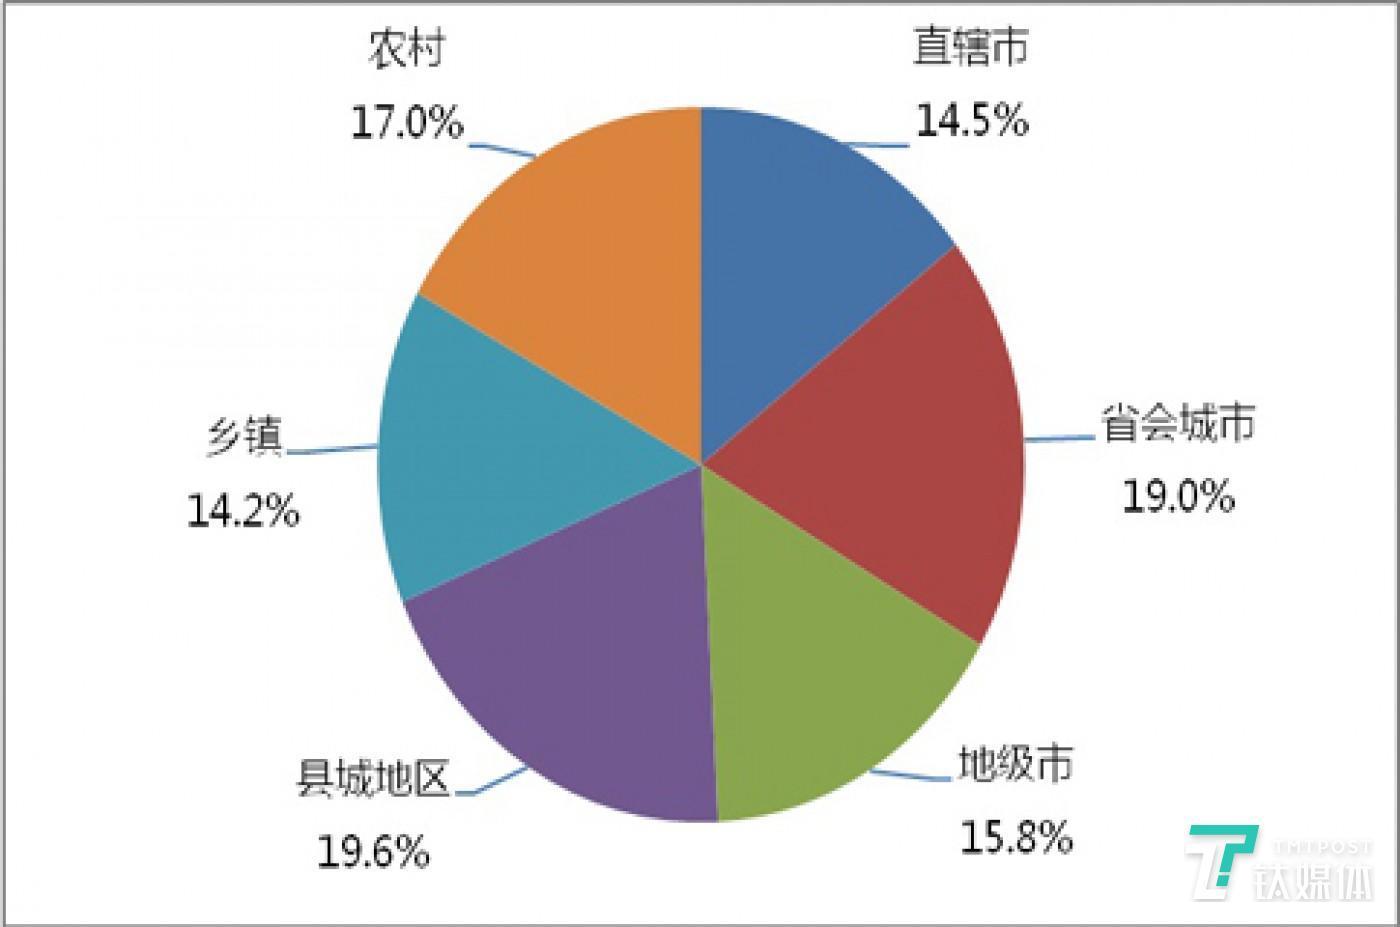 2016年的移动支付的用户分布